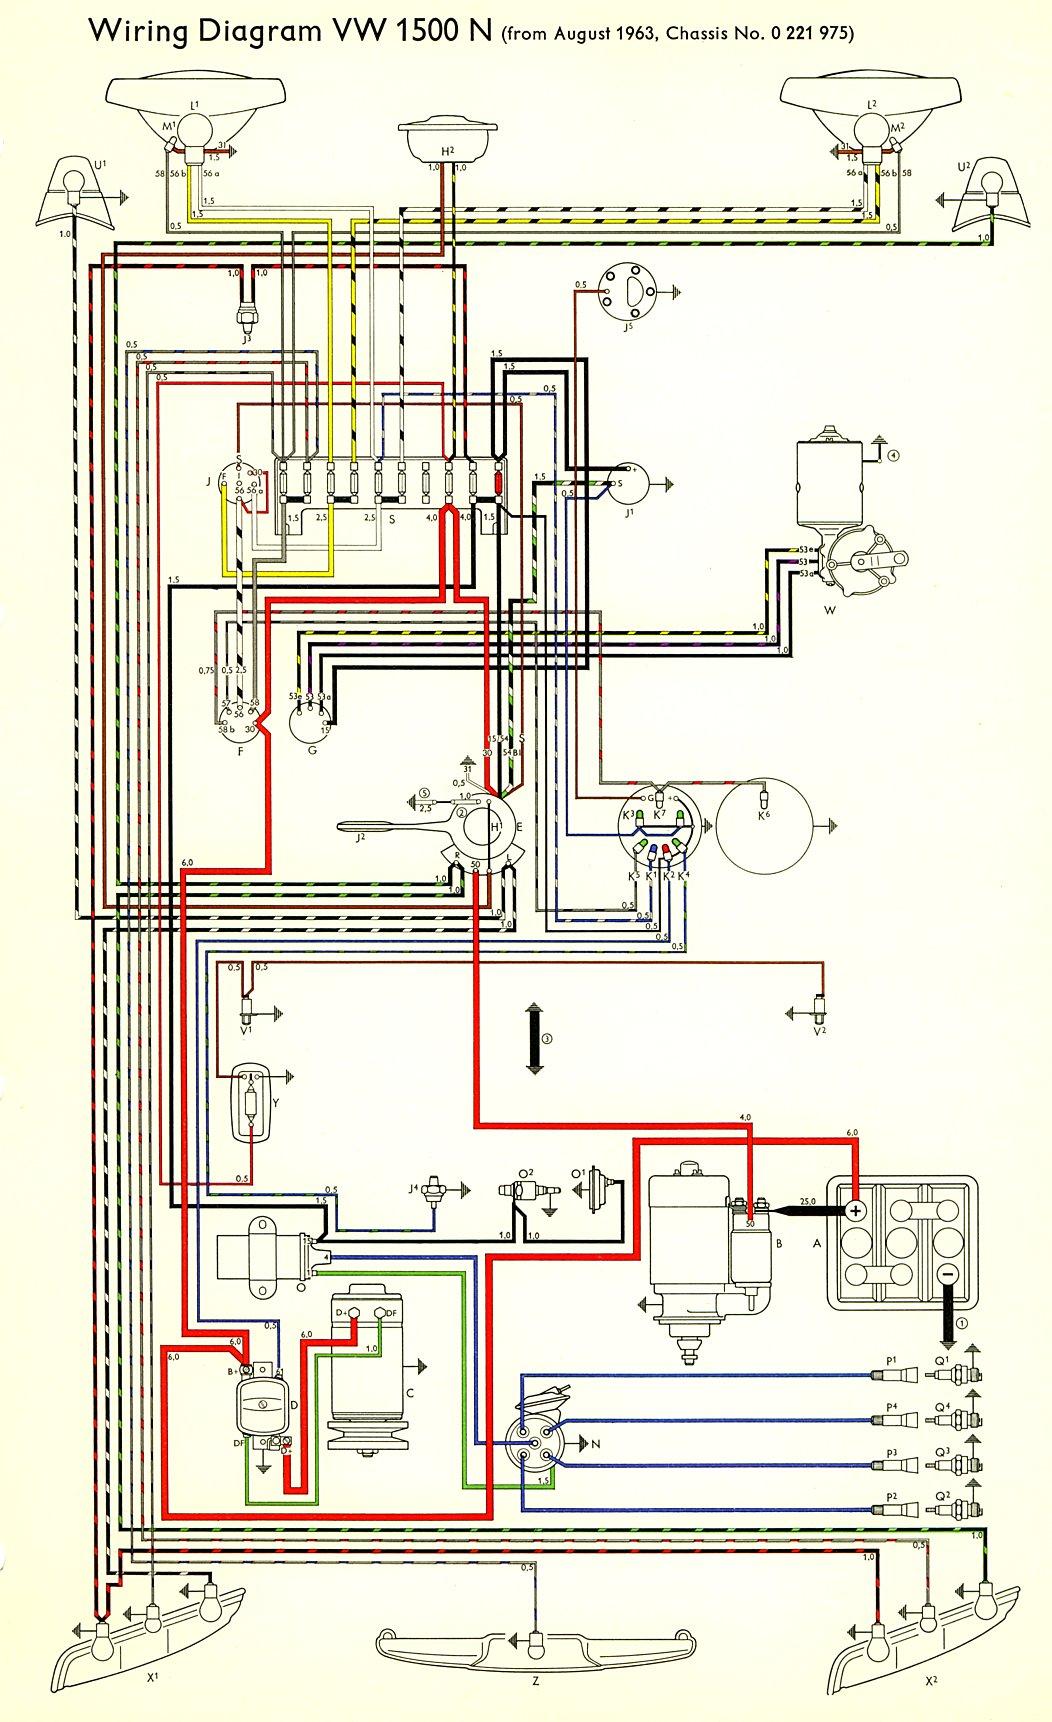 hight resolution of 1964 volkswagen wiring diagram 30 wiring diagram images 1964 vw beetle wiring diagram vw sand rail